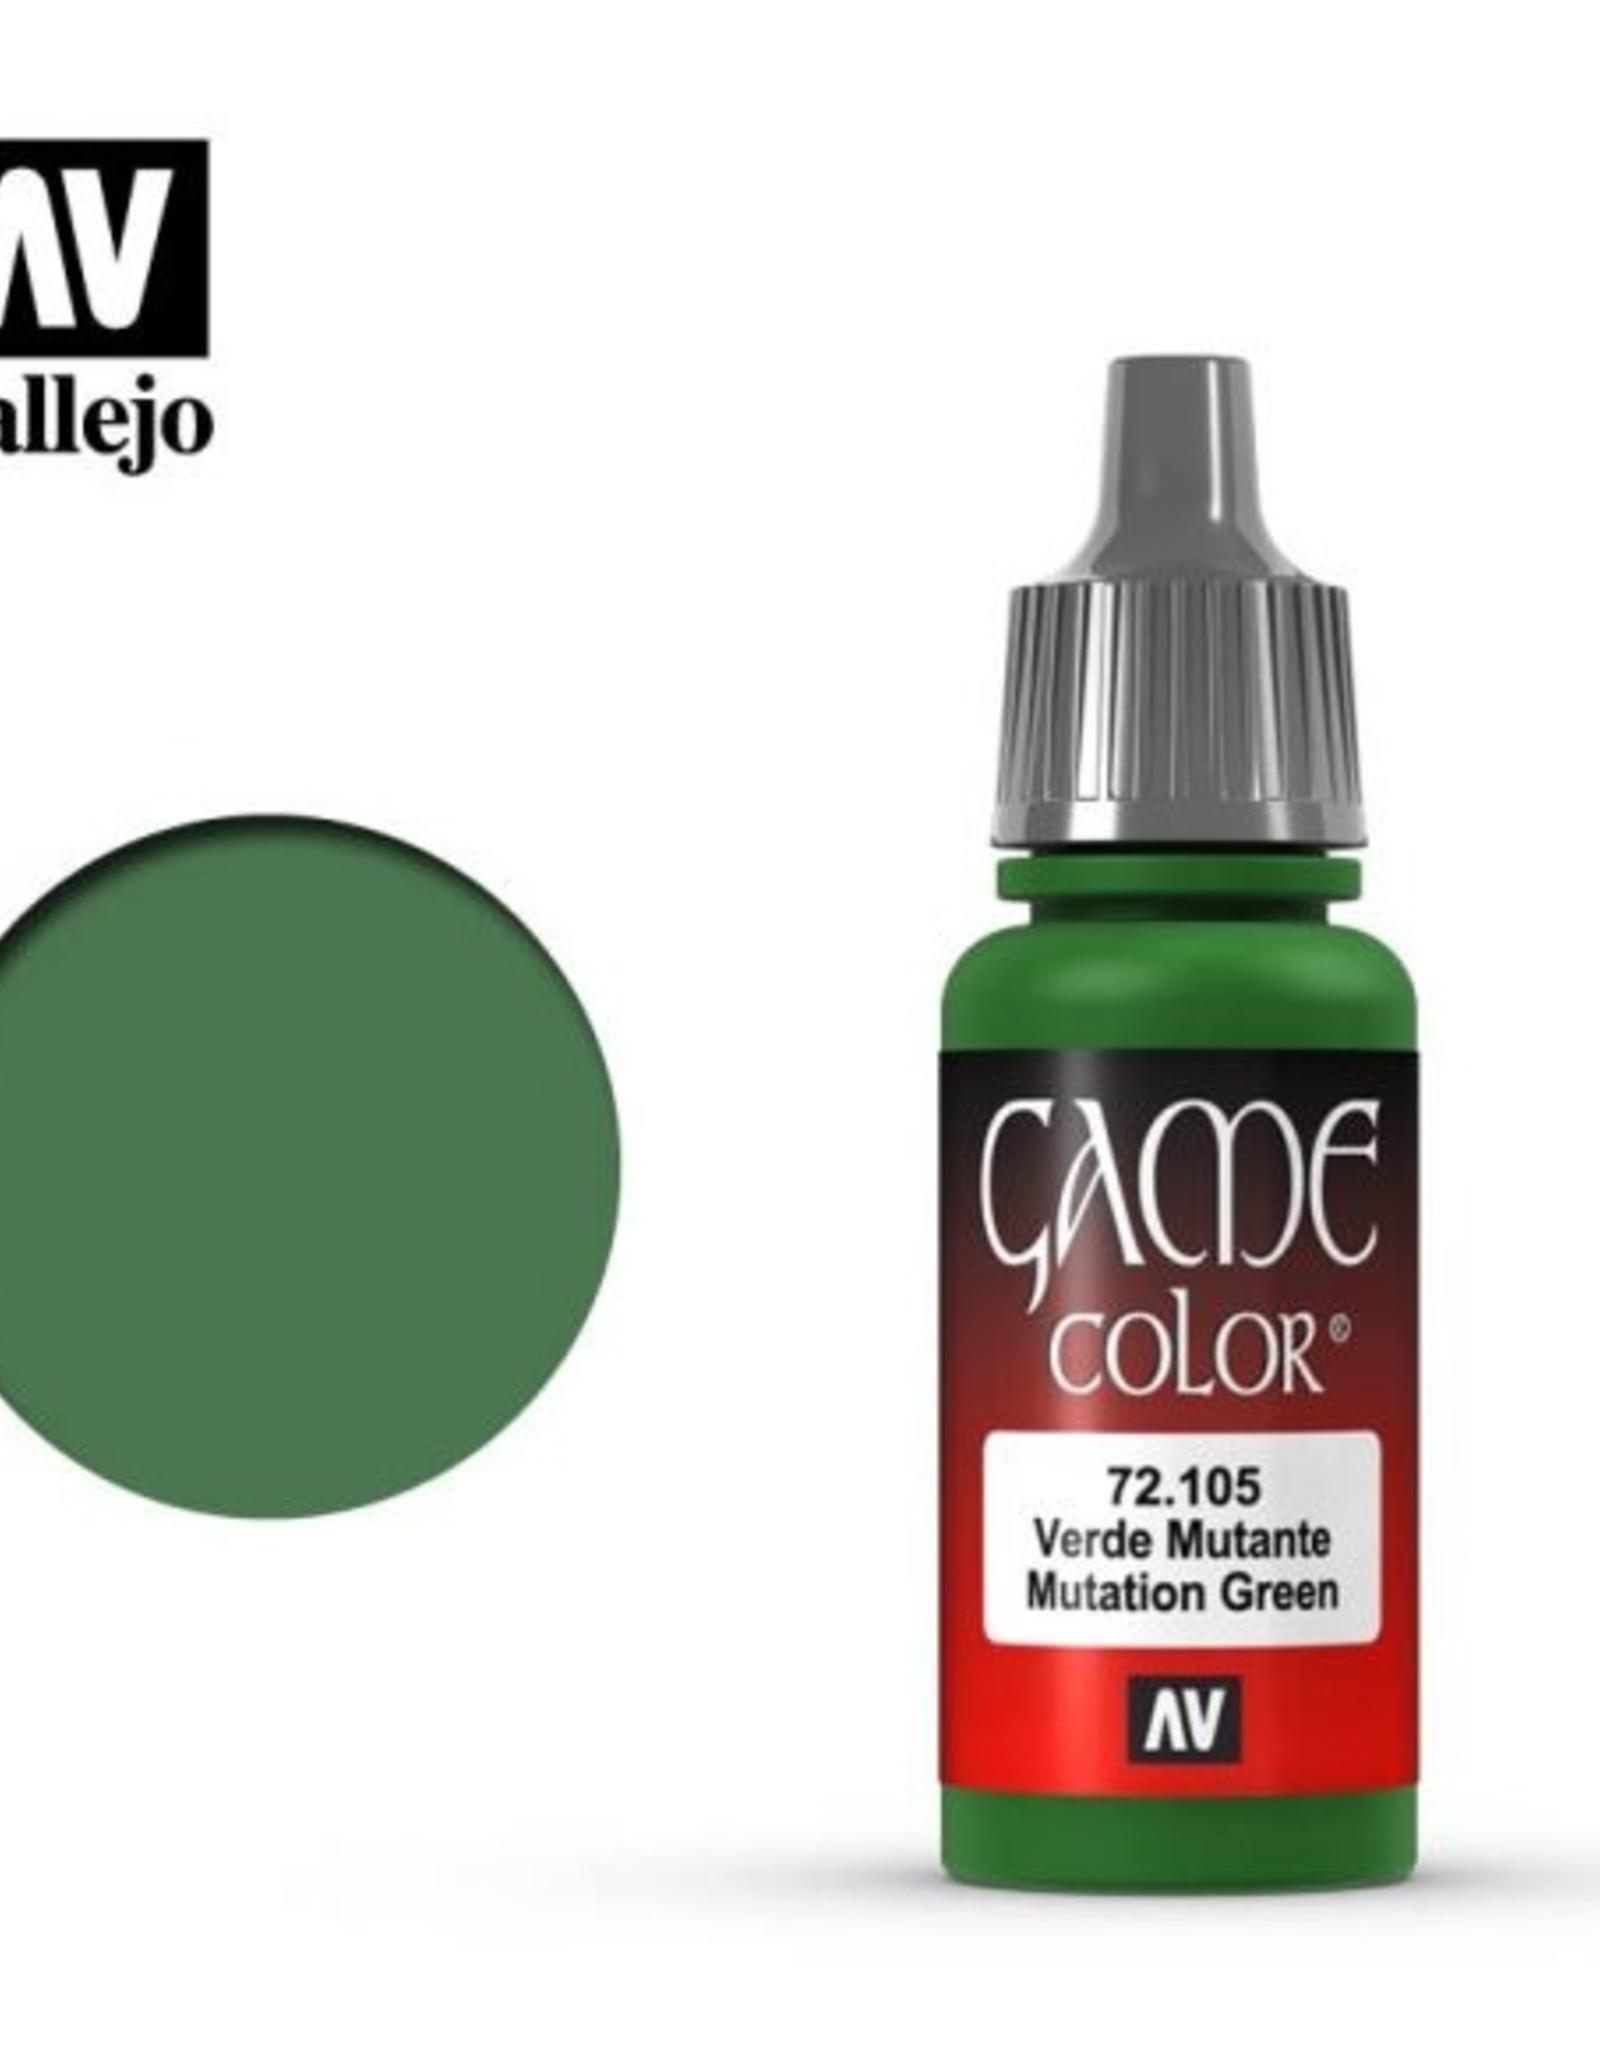 Vallejo 72.105 Mutation Green